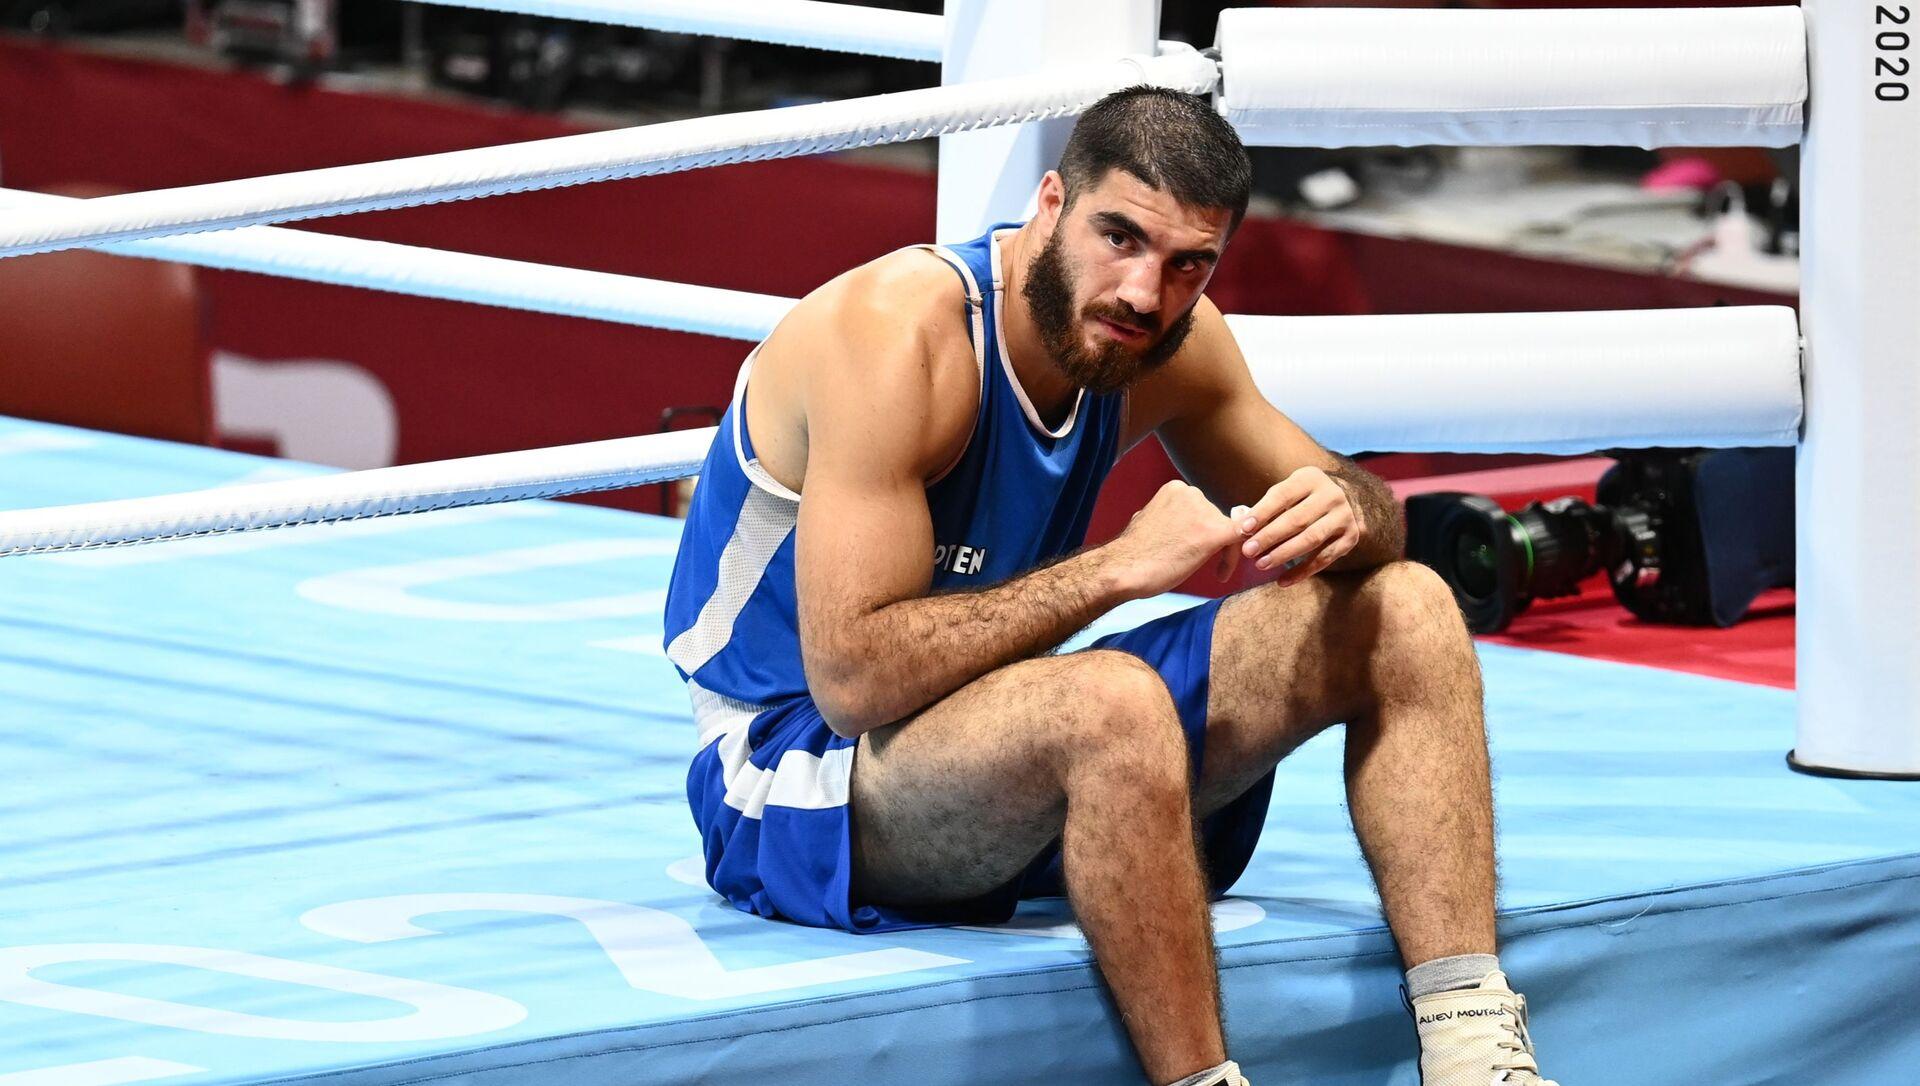 Jeux Olympiques 2020: le boxeur français Mourad Aliev, disqualifié en quart de finale pour un coup de tête porté à son adversaire, fait un sit-in sur le ring - Sputnik France, 1920, 01.08.2021